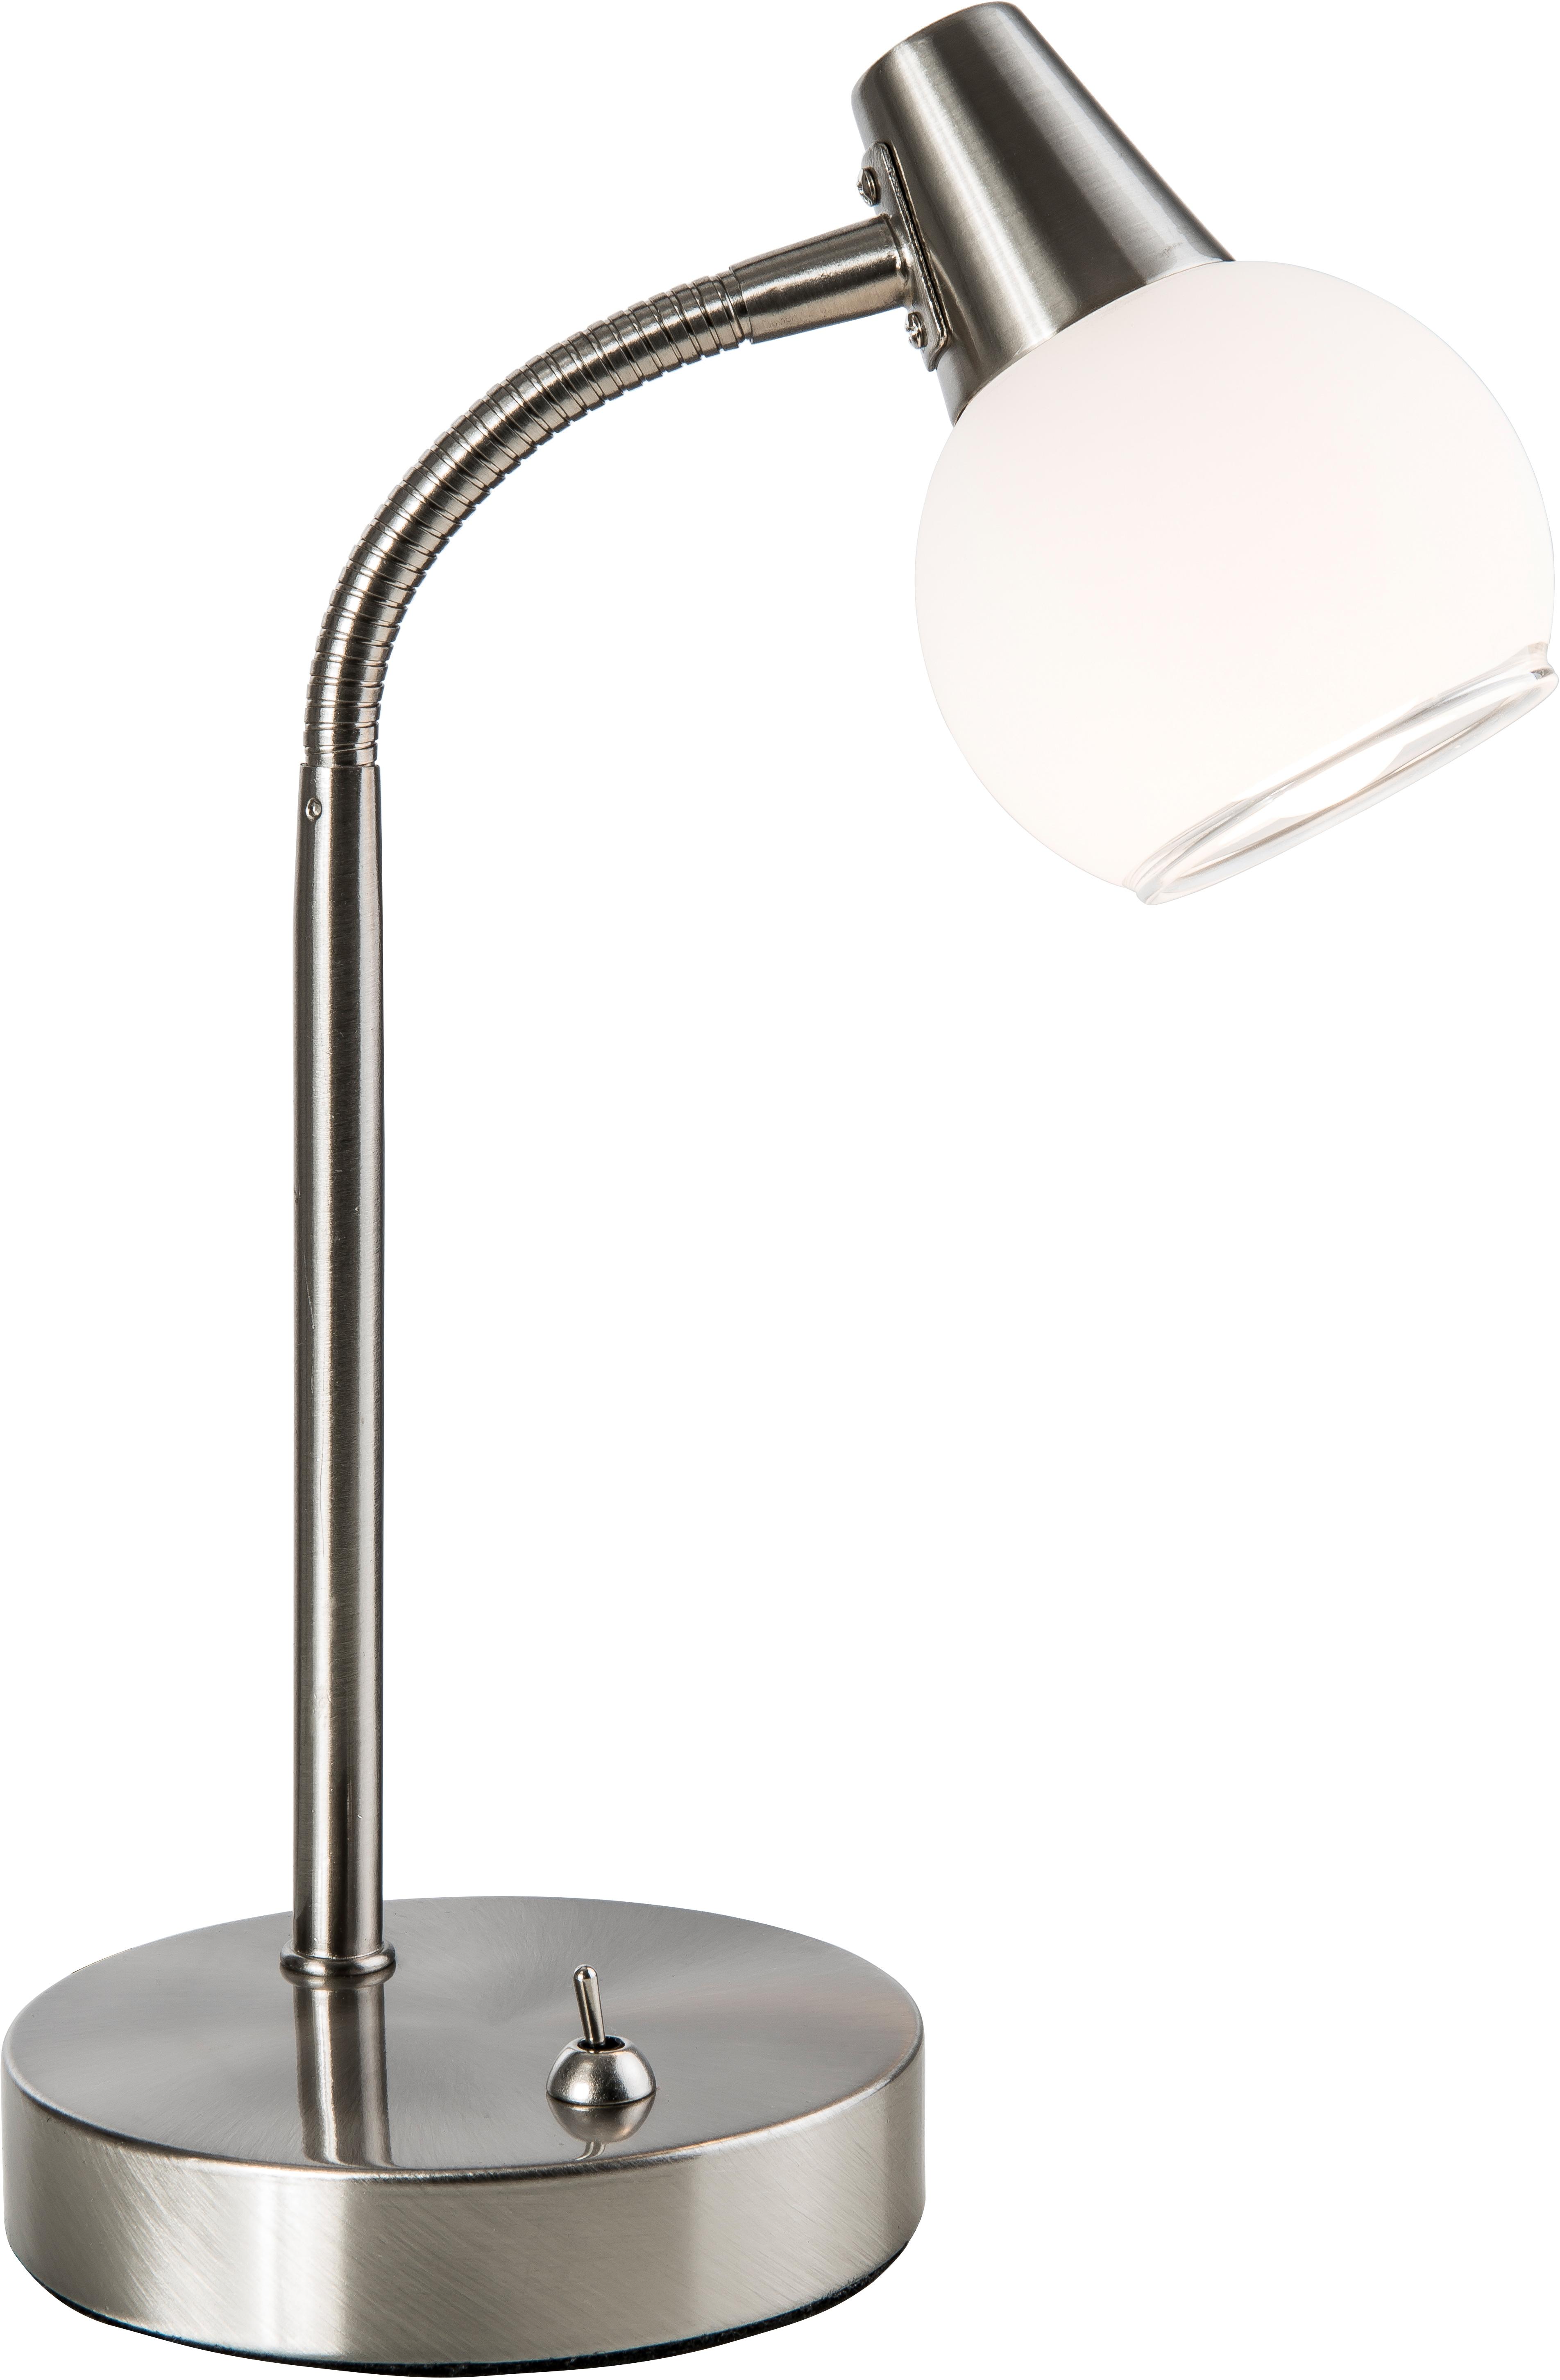 Nino Leuchten,LED Tischleuchte»DASHA«, | Lampen > Tischleuchten > Beistelltischlampen | NINO LEUCHTEN